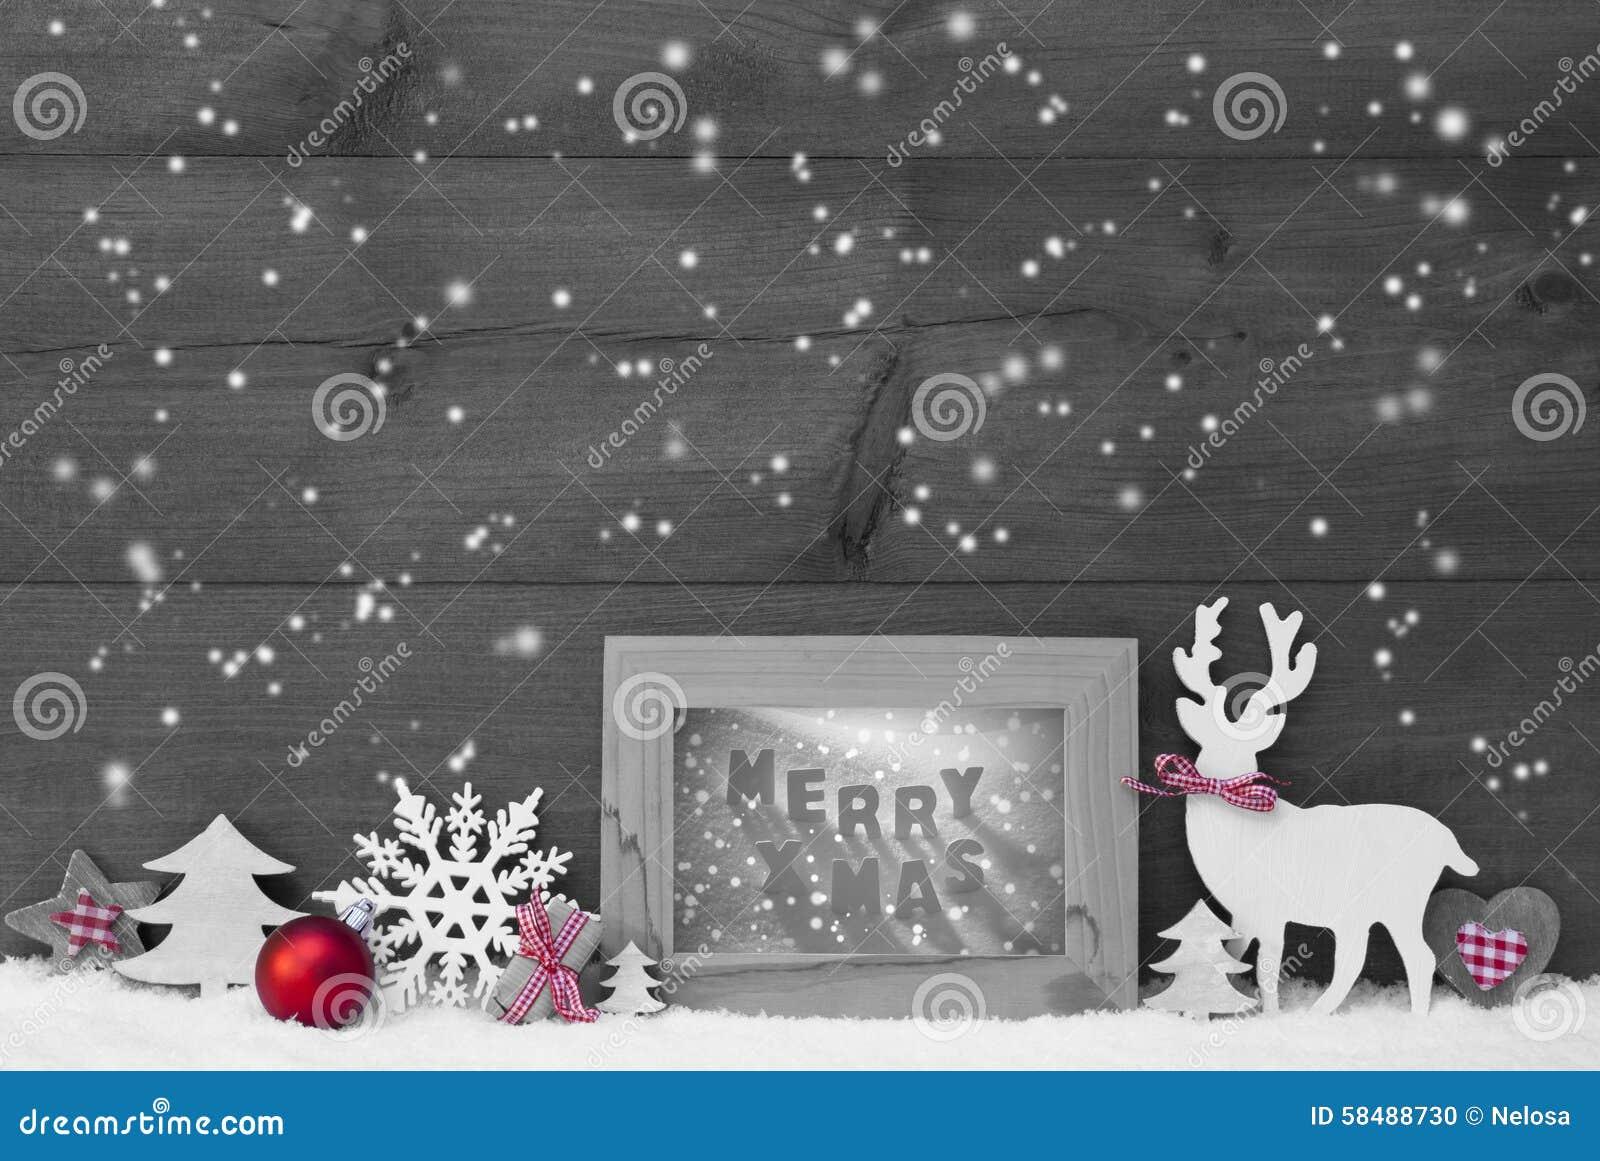 Schwarzer Weißer Roter Weihnachtshintergrund-Schneeflocken-Rahmen ...